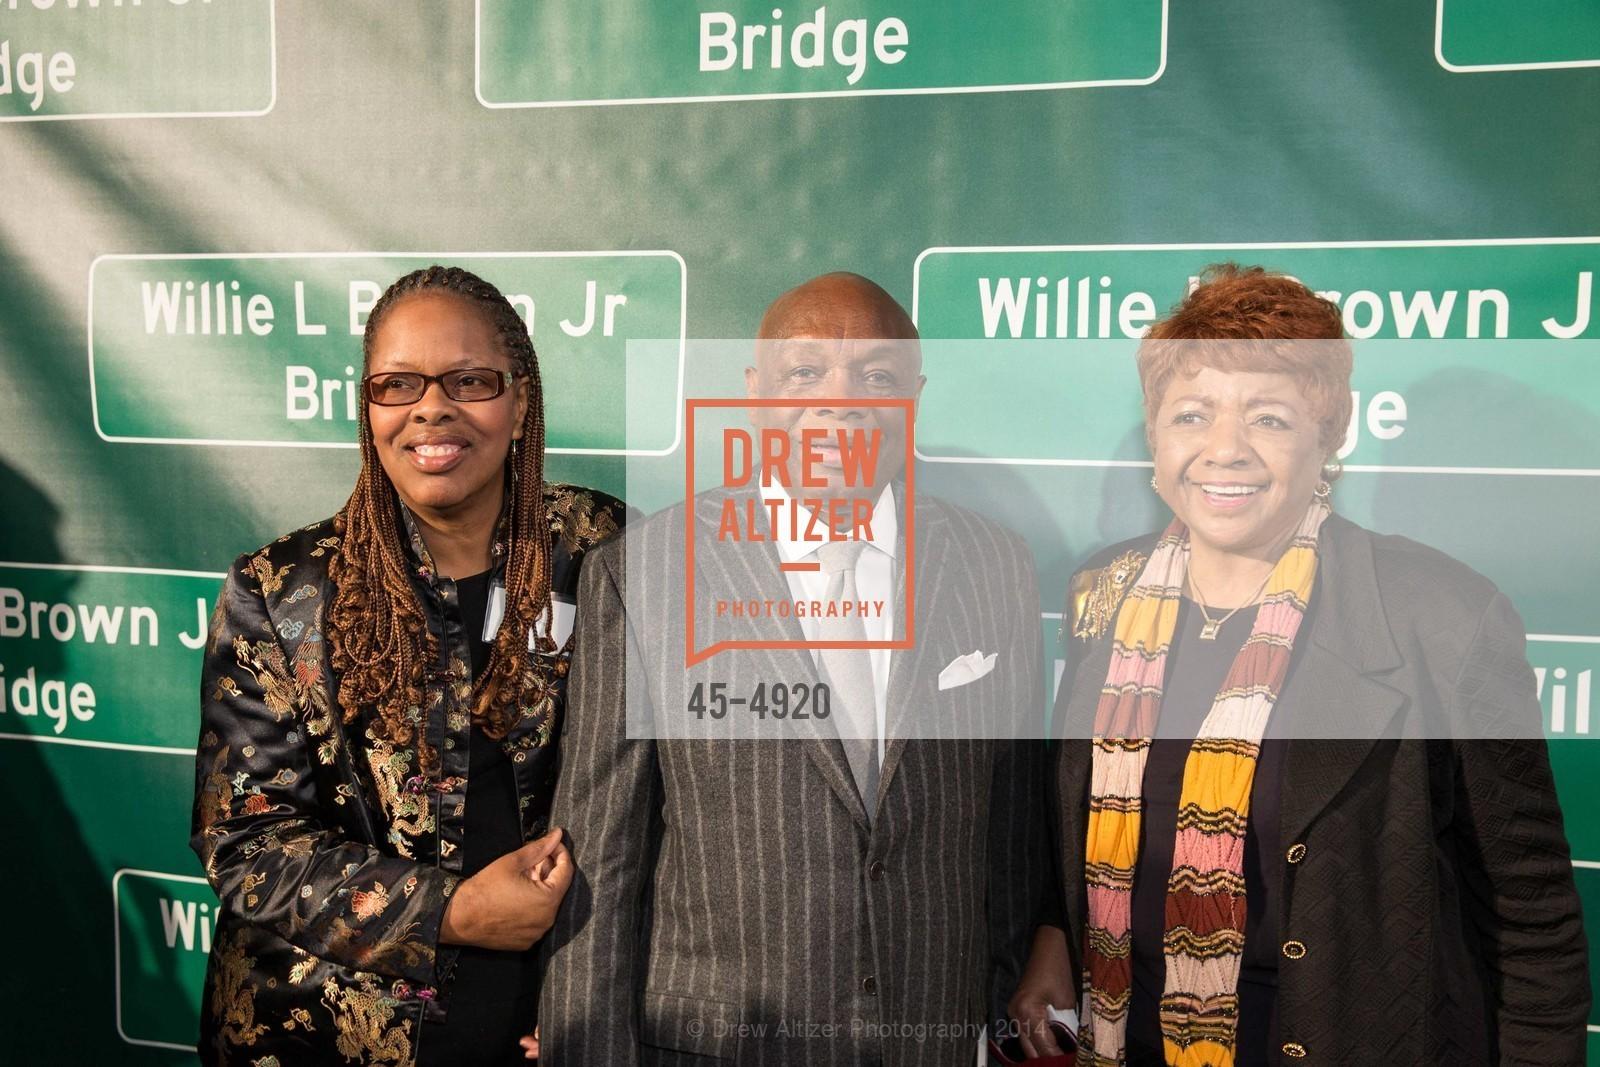 Willie Brown, Photo #45-4920